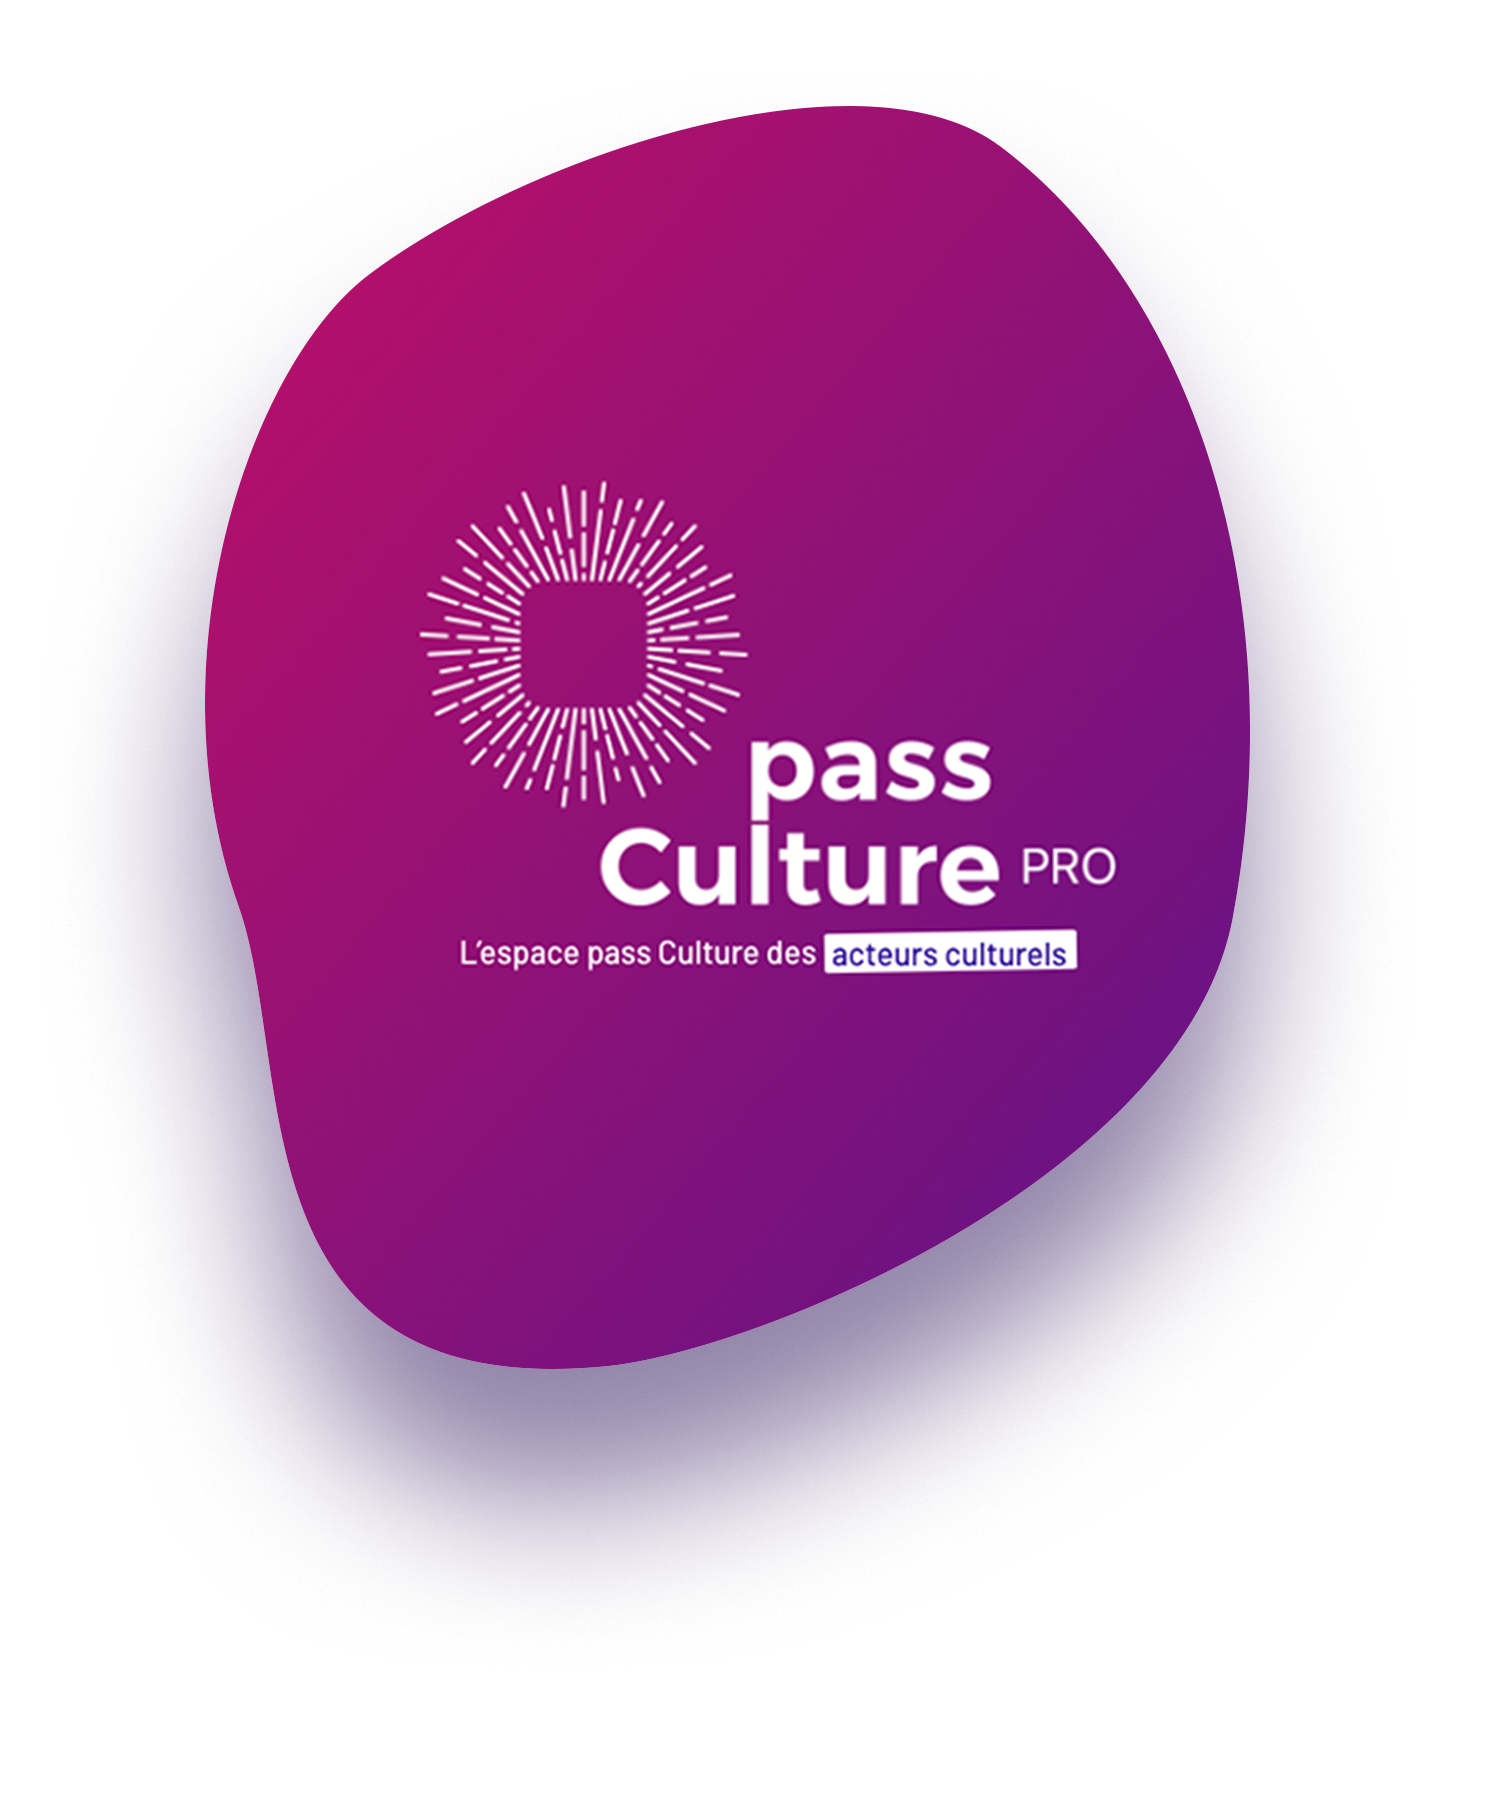 ici se trouve une illustration avec le logo du pass culture de la plateforme professionnelle